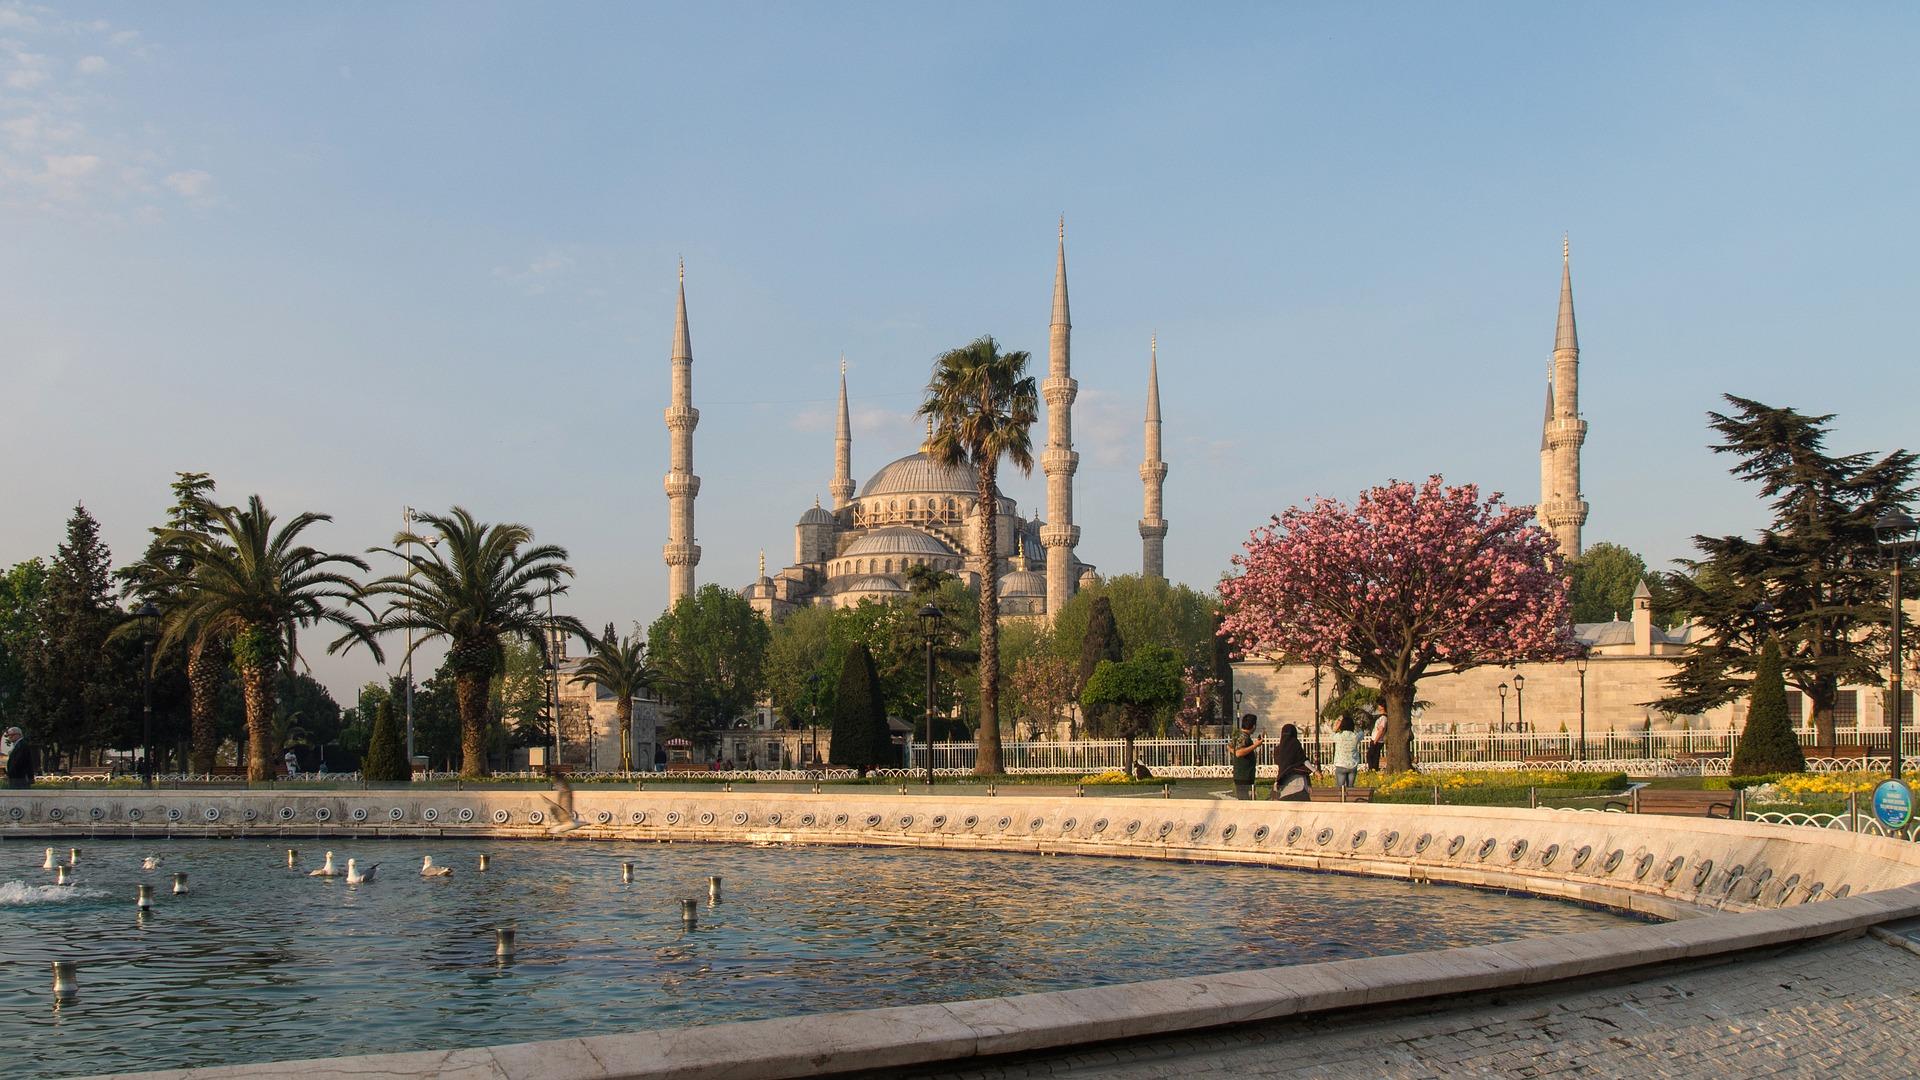 Sultan ahmet camii / Den blå moske i Istanbul